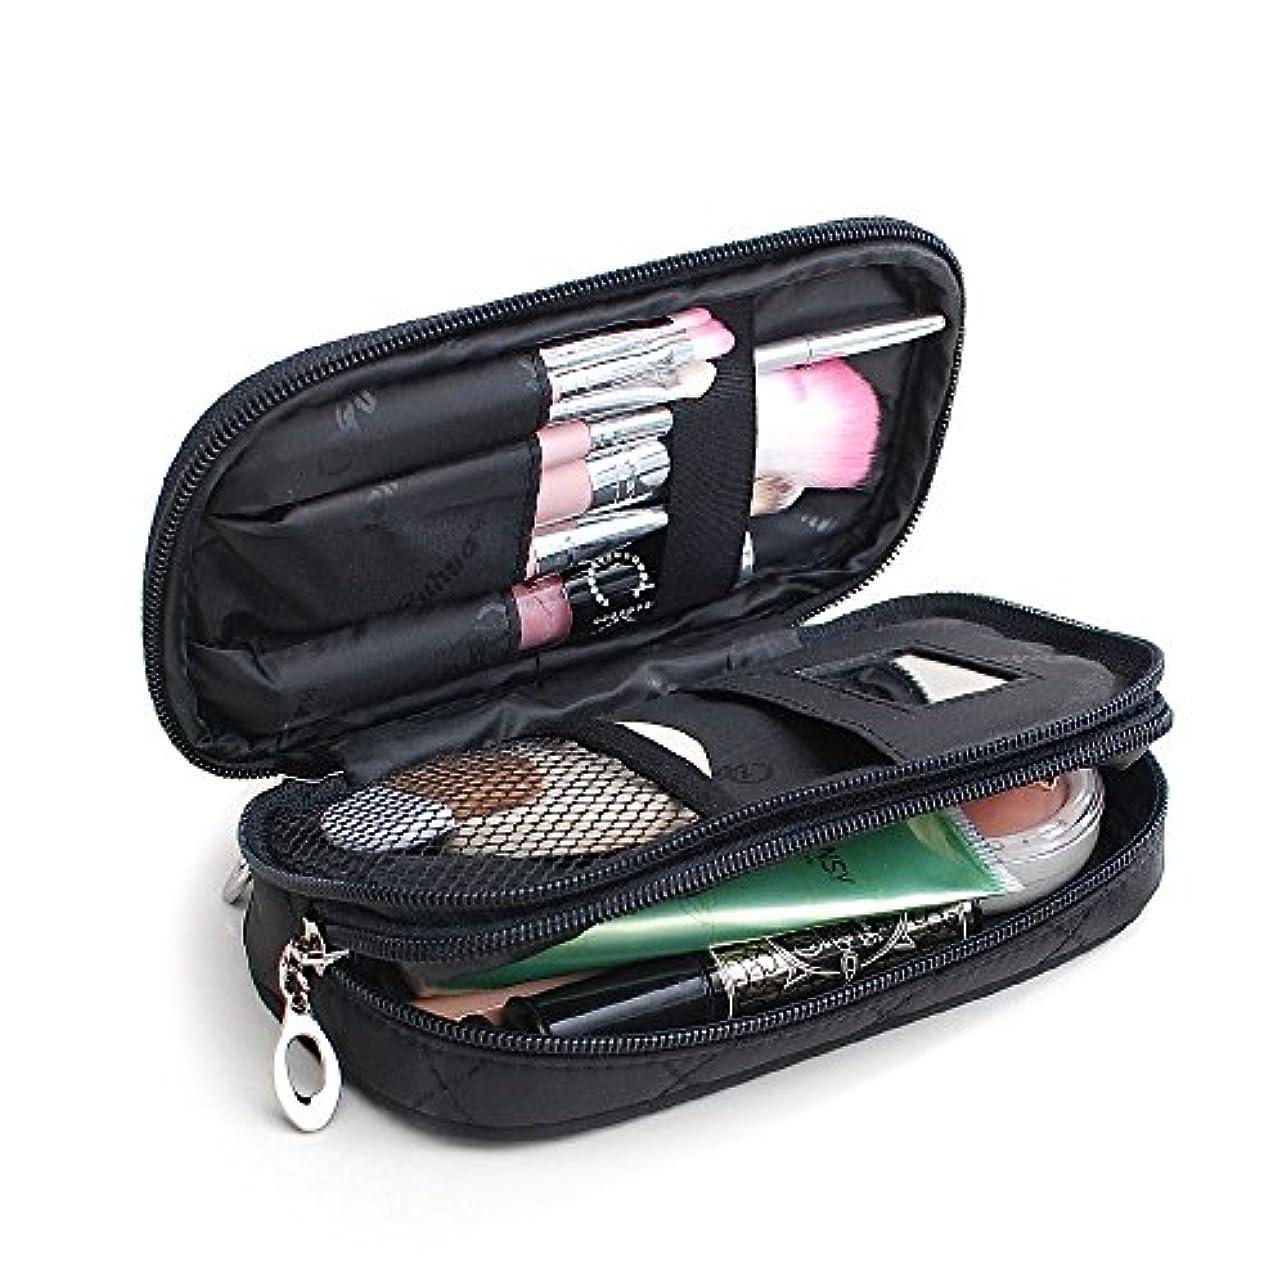 分析的なロールいつかCXYP 化粧ポーチ 化粧品 収納ポーチケース 小物用収納ポーチ バッグ 雑貨 小物入れ 防水 携帯 便利 (ブラック)